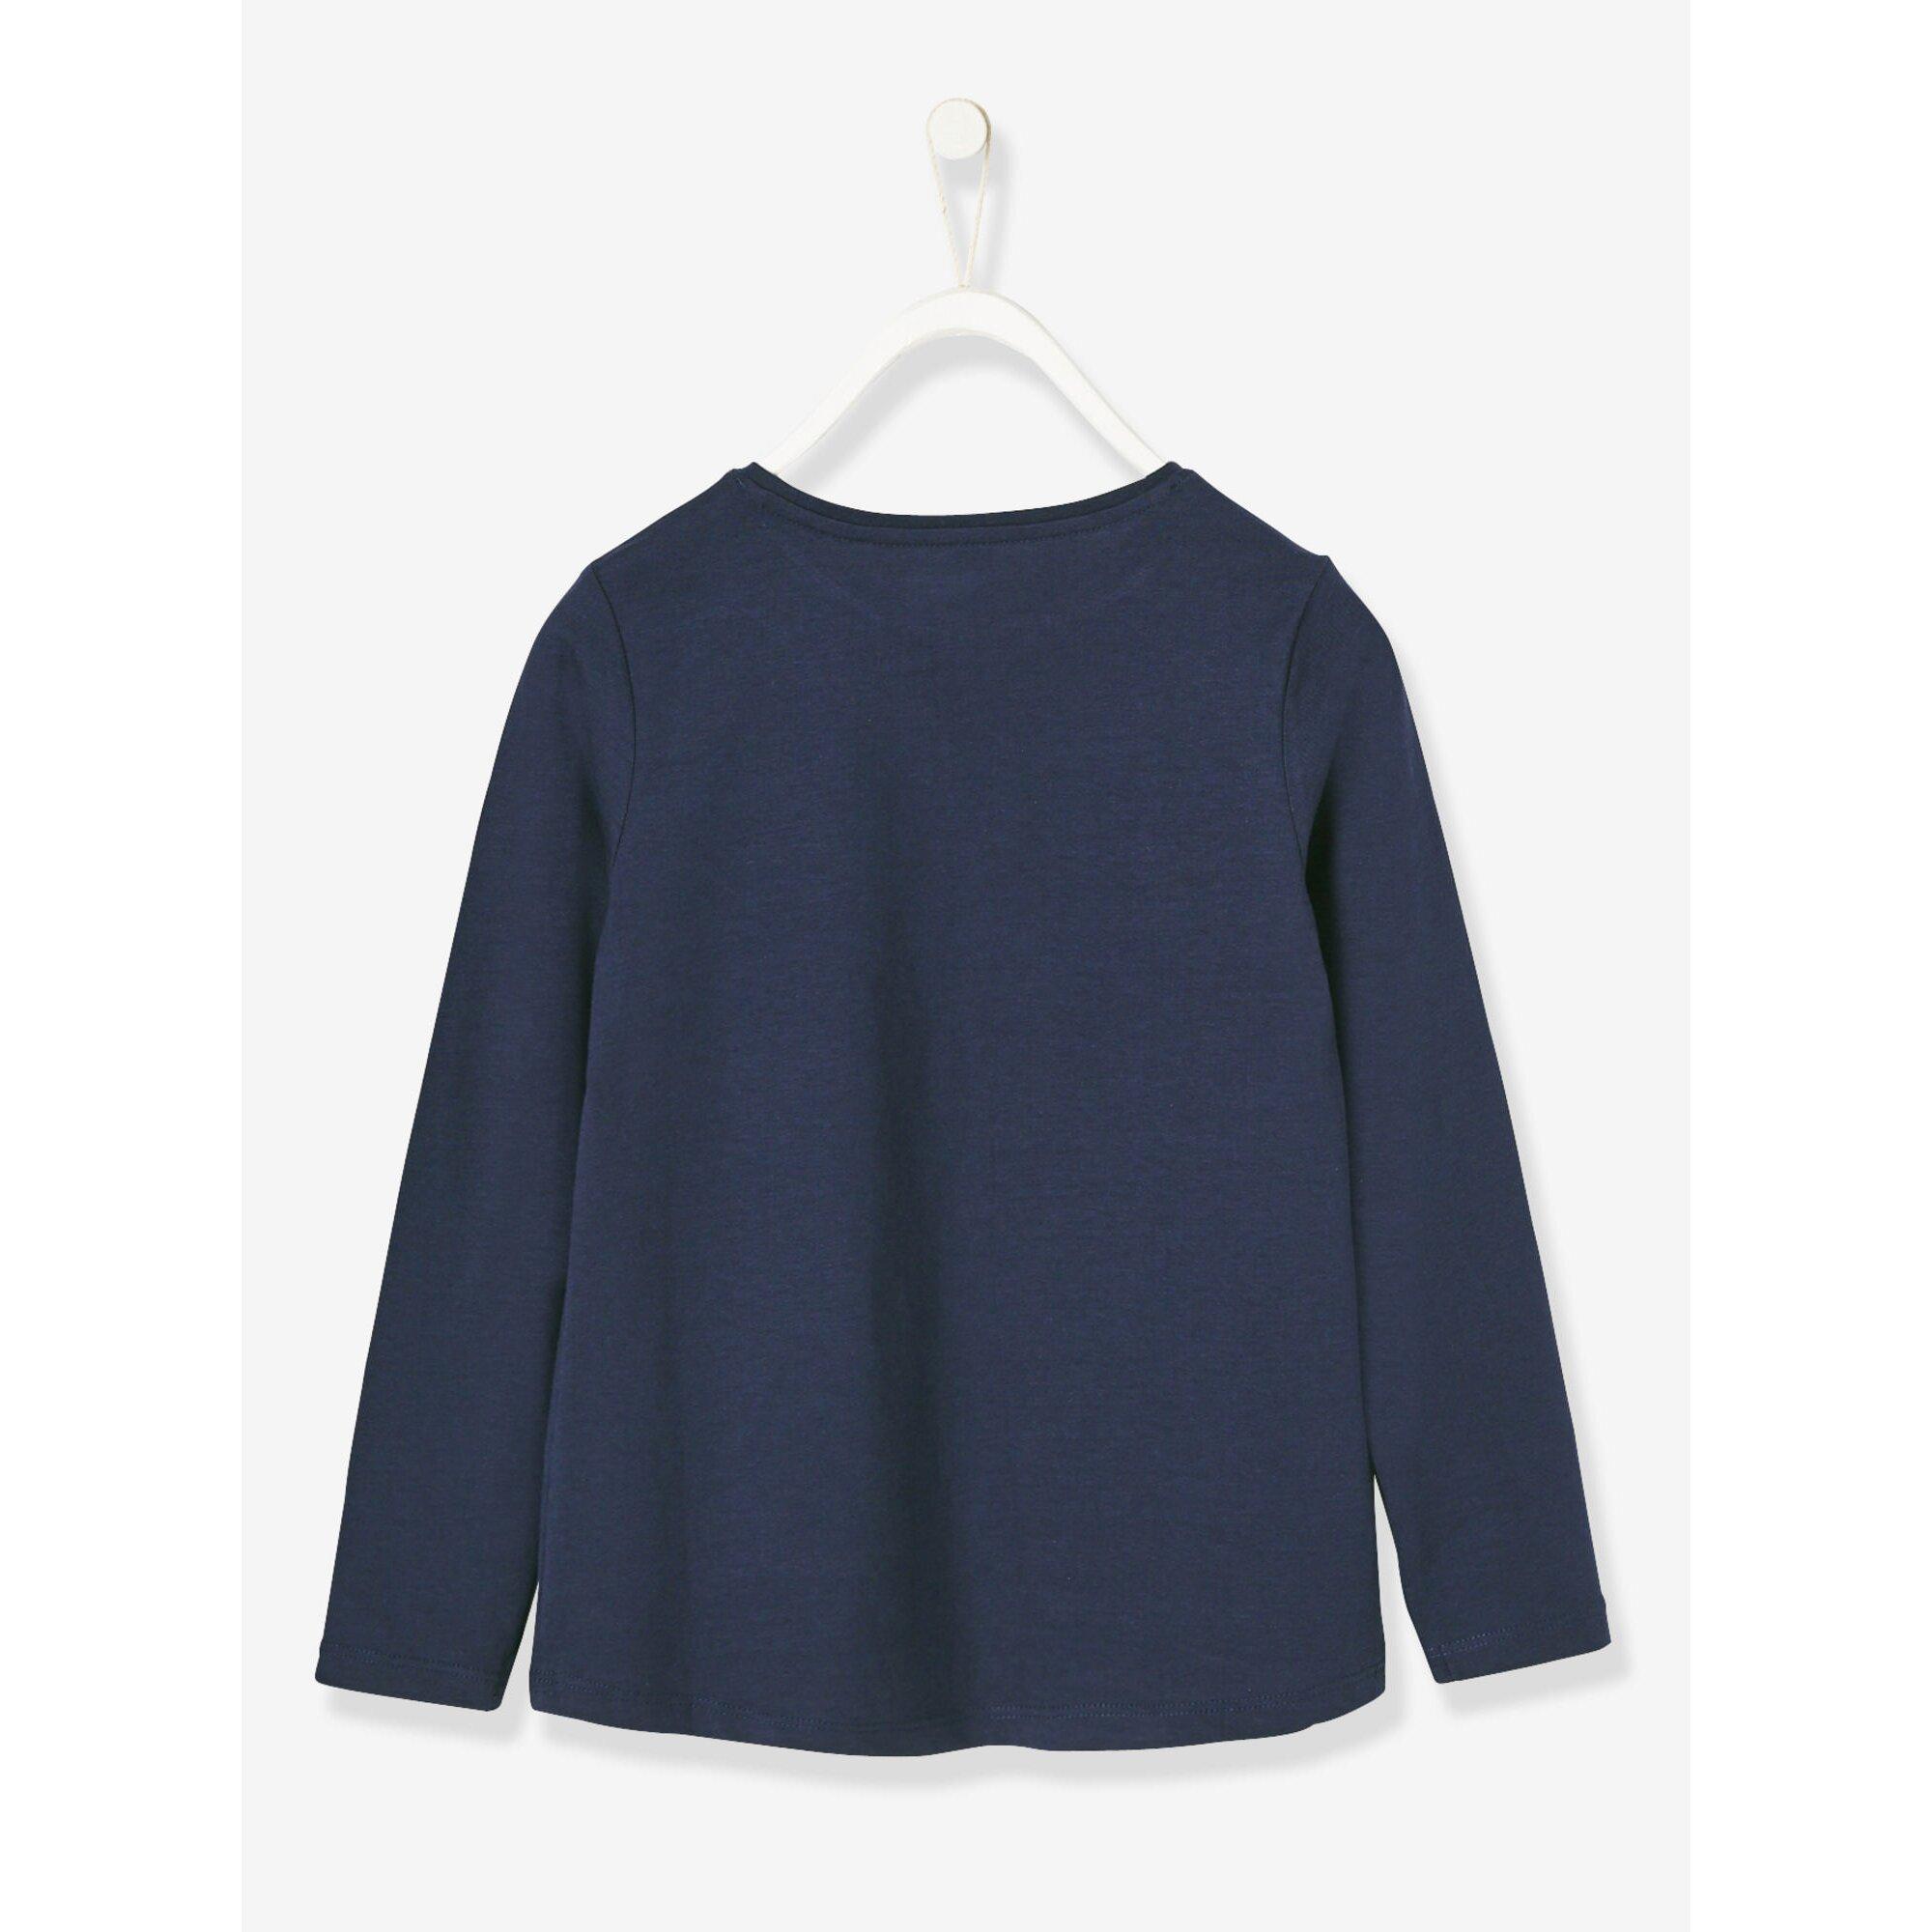 vertbaudet-shirt-fur-madchen-glitzerprint, 8.99 EUR @ babywalz-de